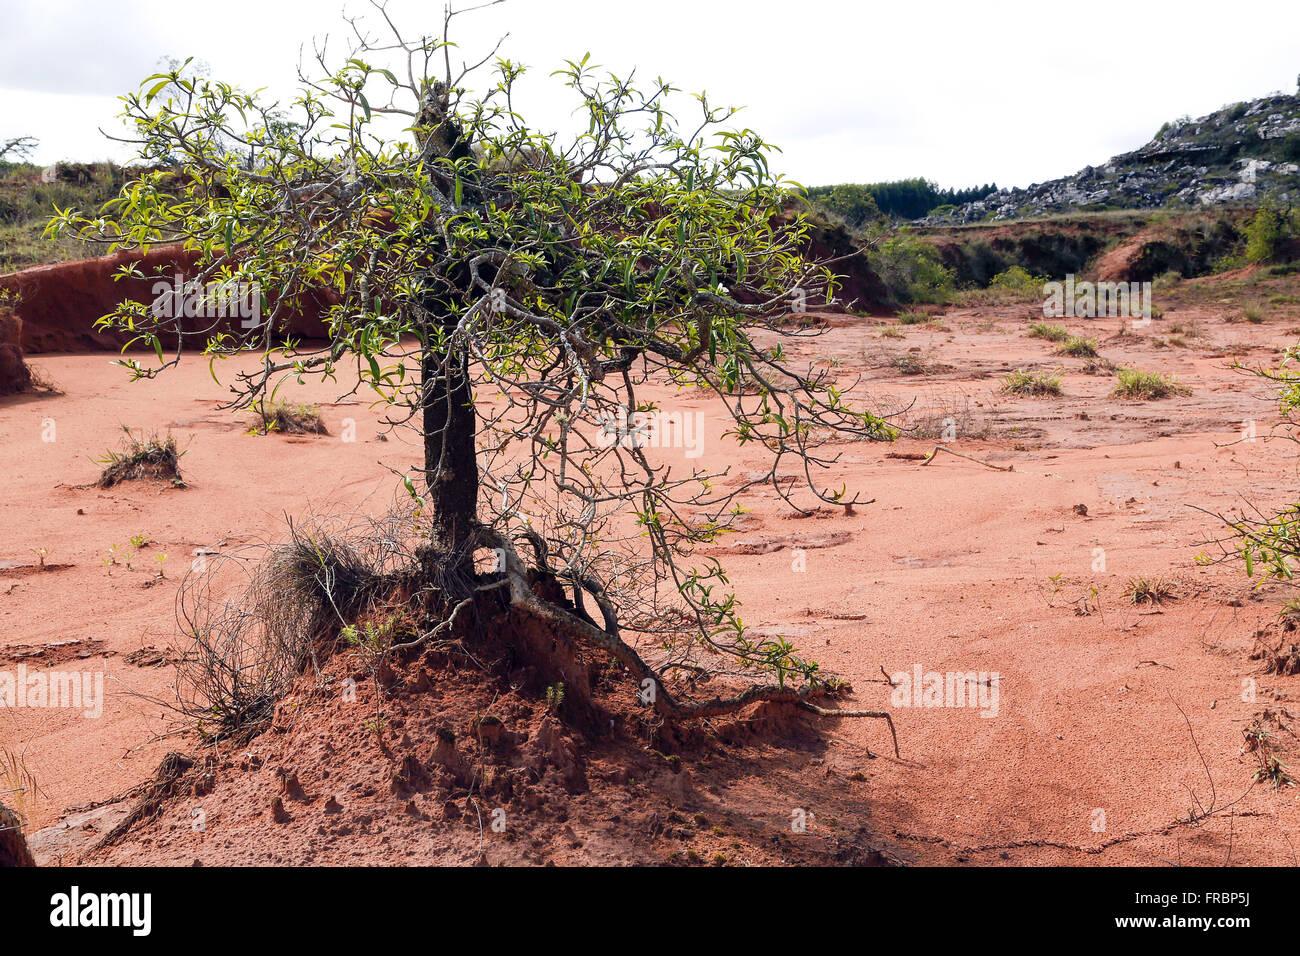 Beispiel für die Beibehaltung des Bodens von den Wurzeln der Pflanzen in degradierten Bereich Stockbild